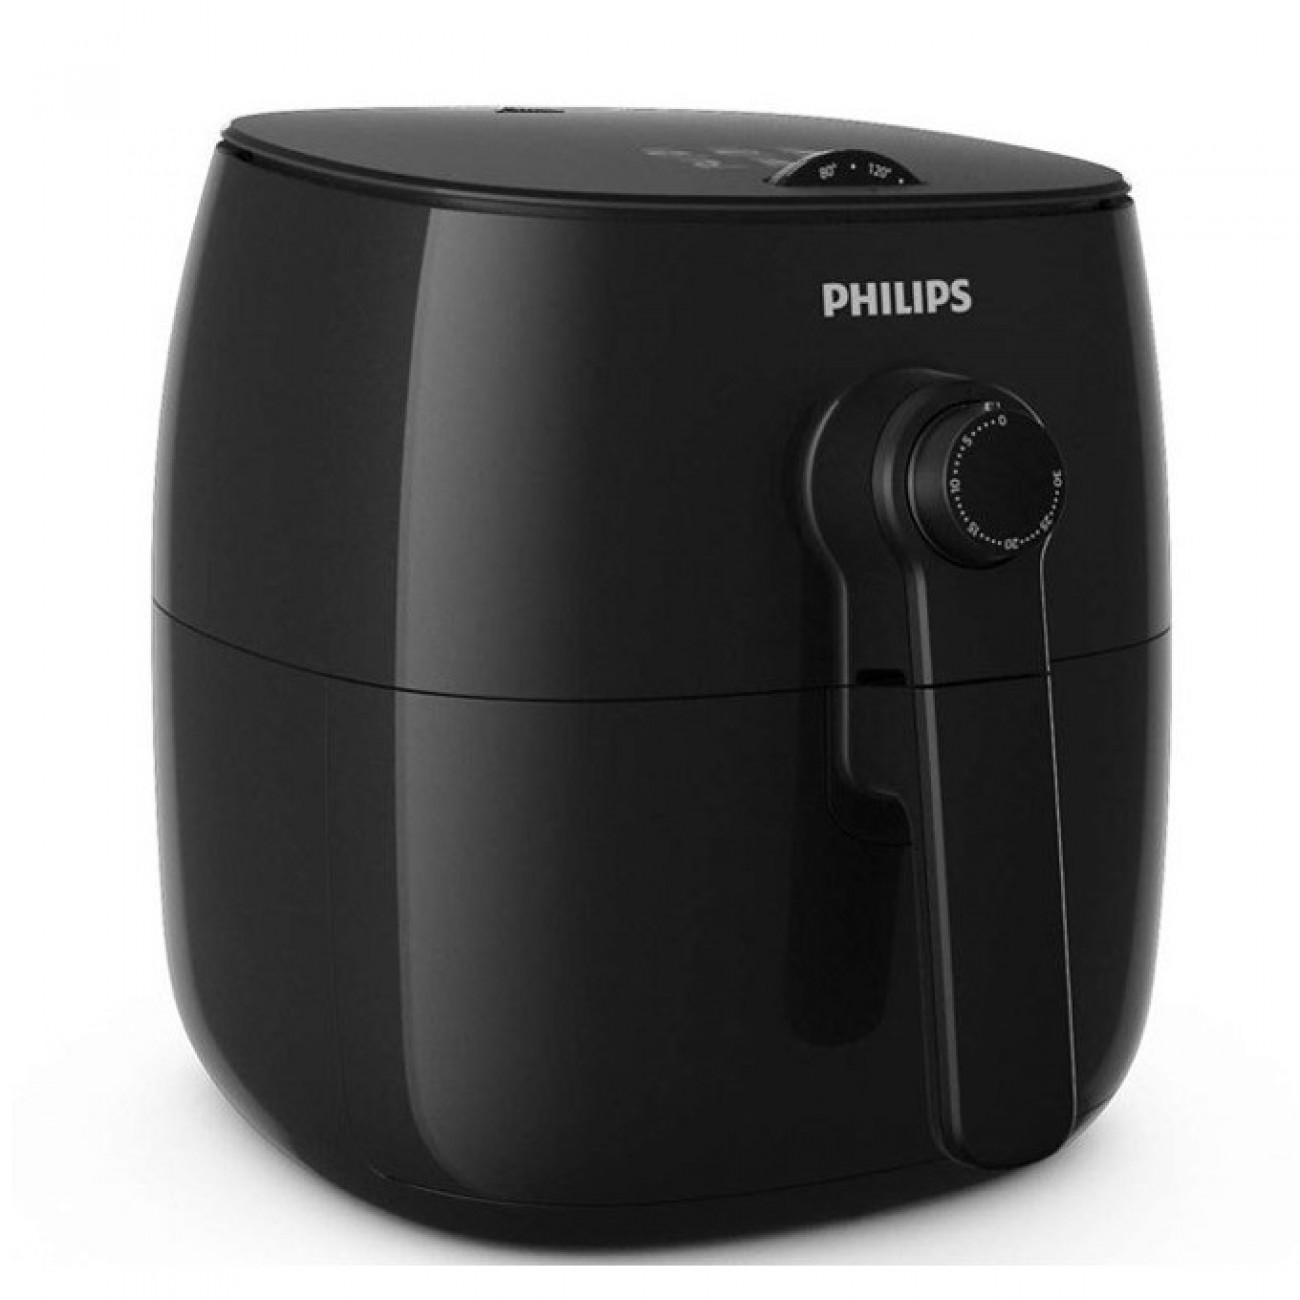 Фритюрник Philips HD 9621 / 90, 0,8 кг капацитет на кошницата, QuickClean, 1425W, автоматично изключване, TurboStar, черен в Фритюрници -  | Alleop